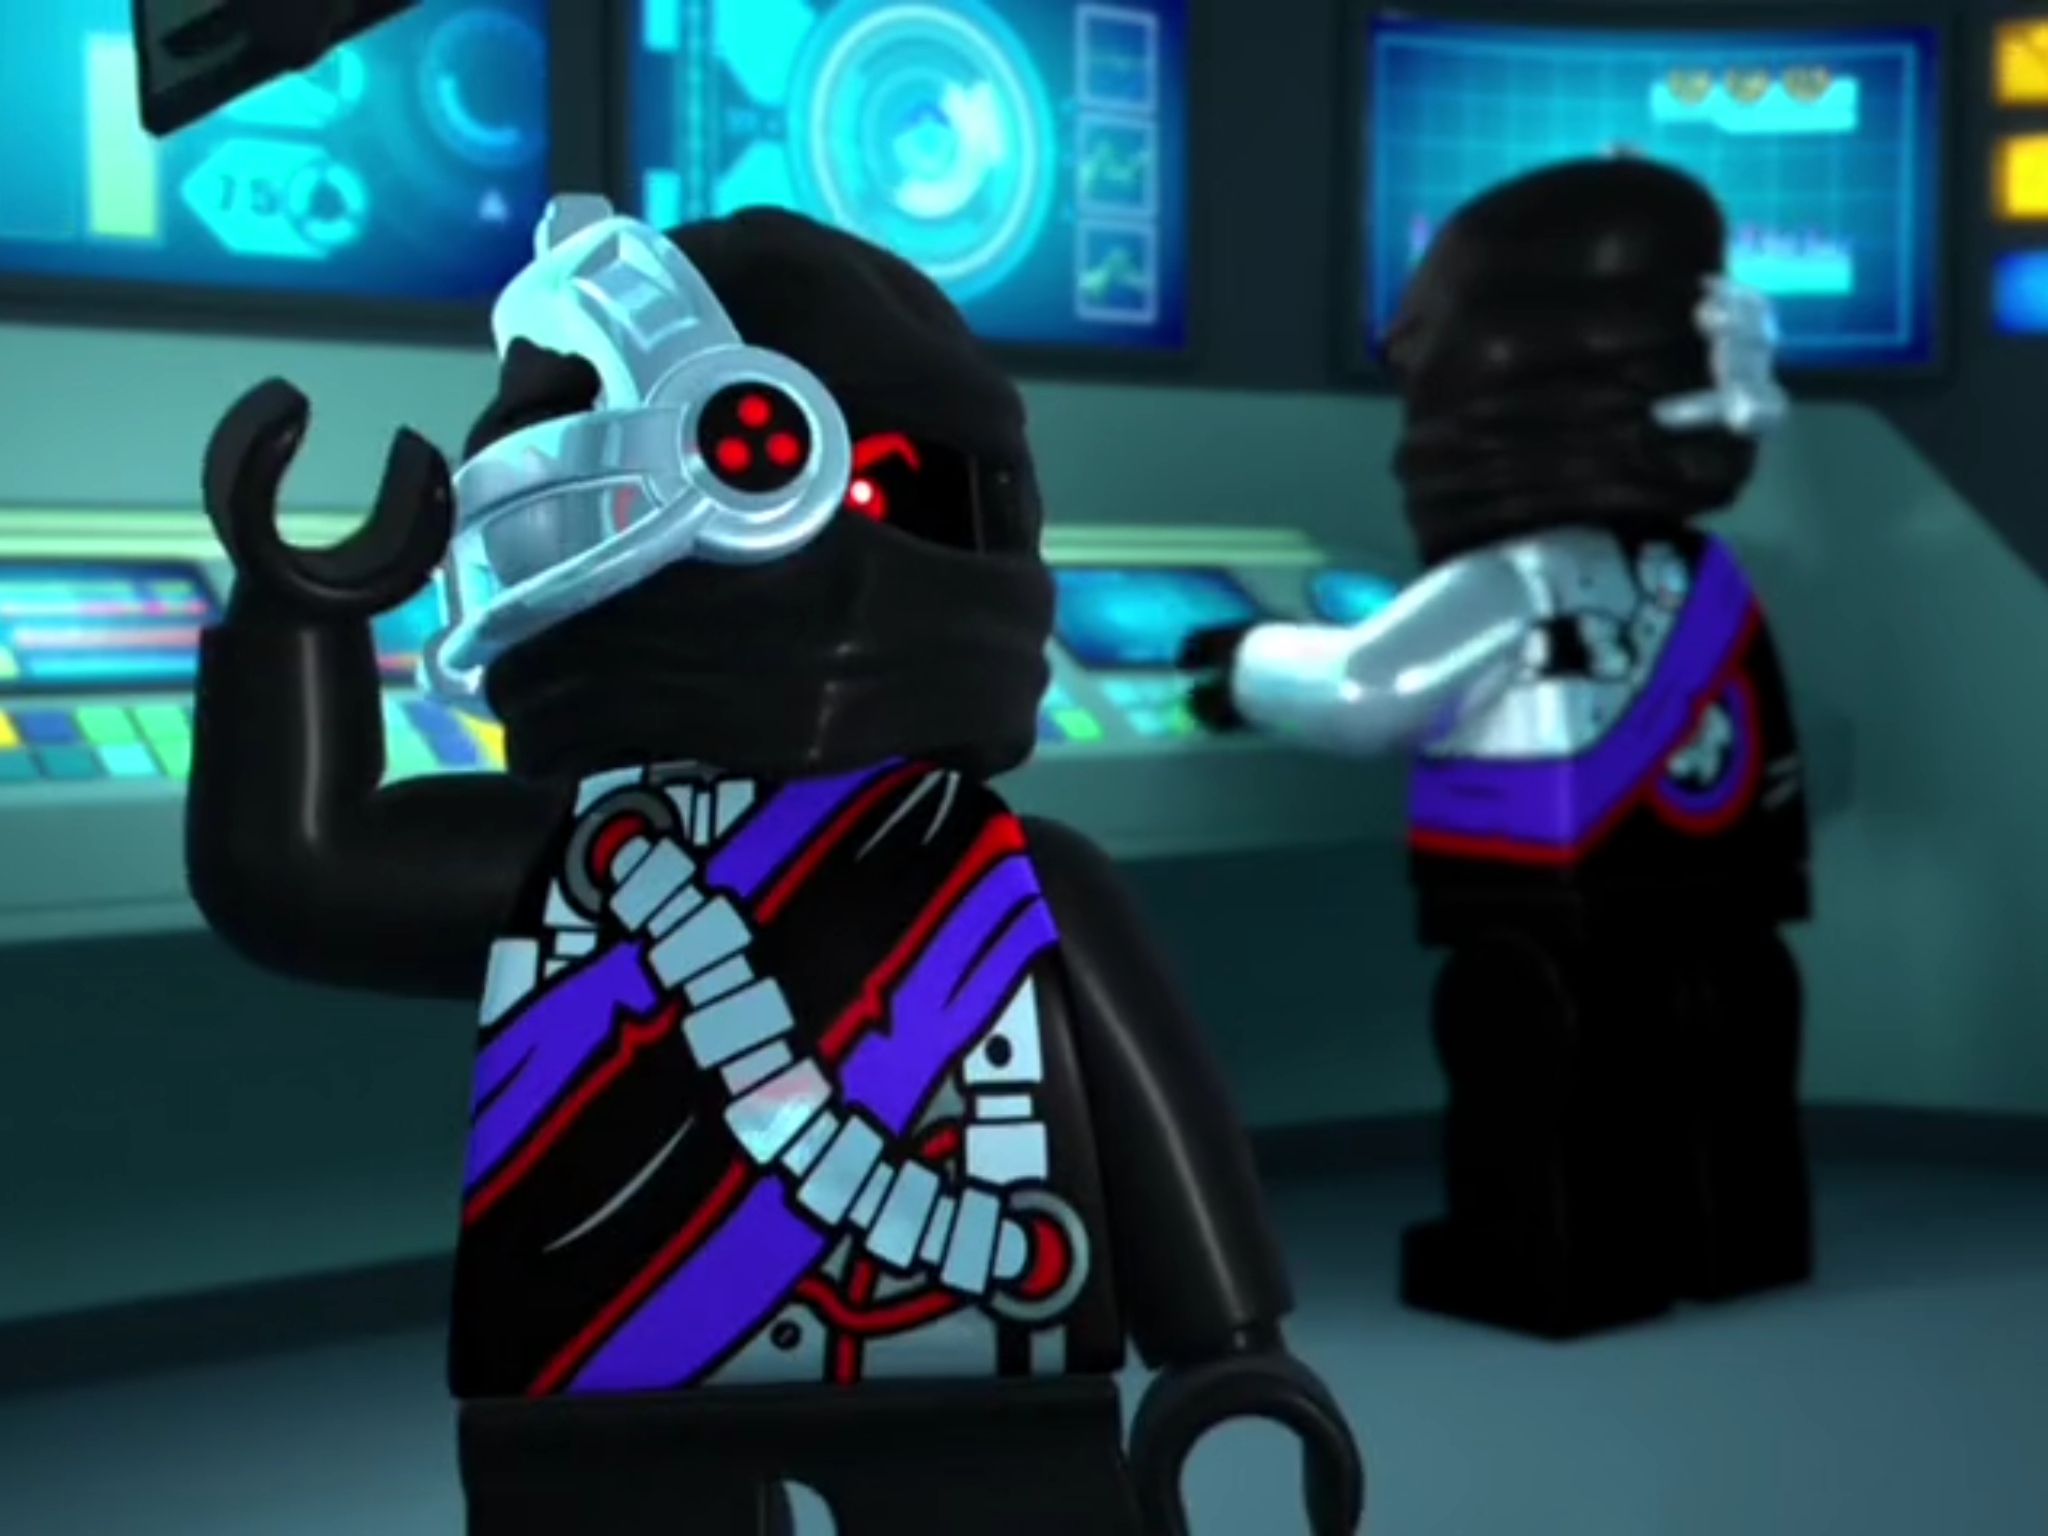 Мини-дроид